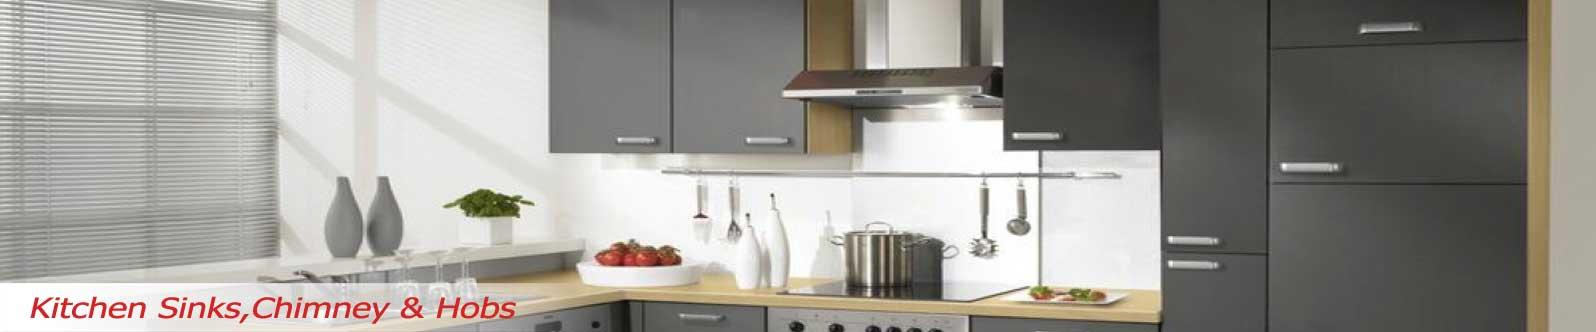 Rasoi Modular Kitchen In Raipur Luxury Kitchens RaipurItalian Chhattisgarhtraditional Best